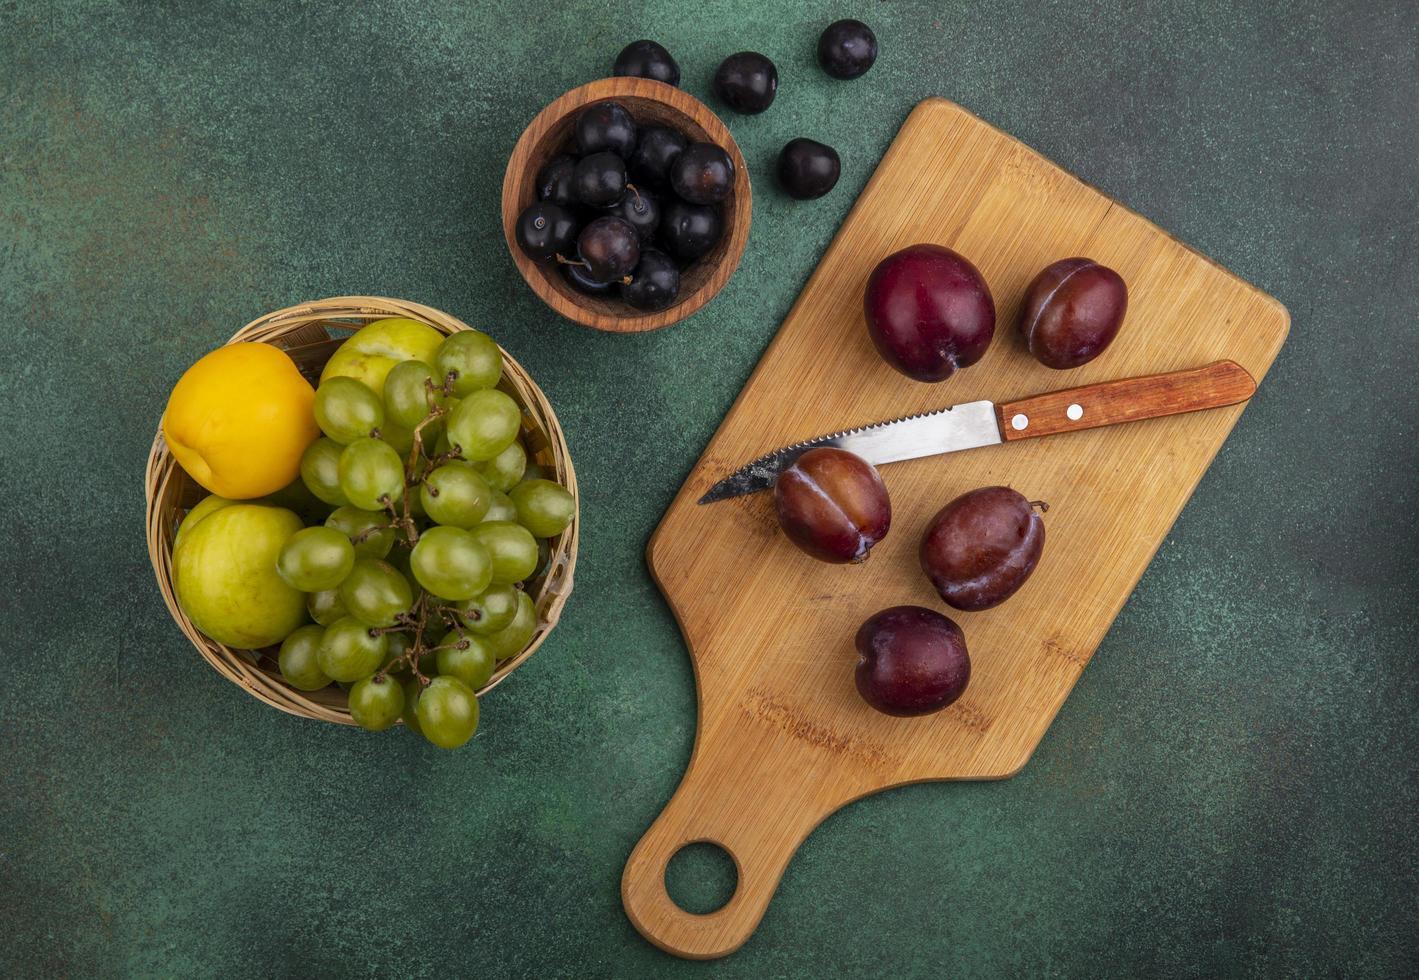 frutta assortita sul tagliere su sfondo verde foto